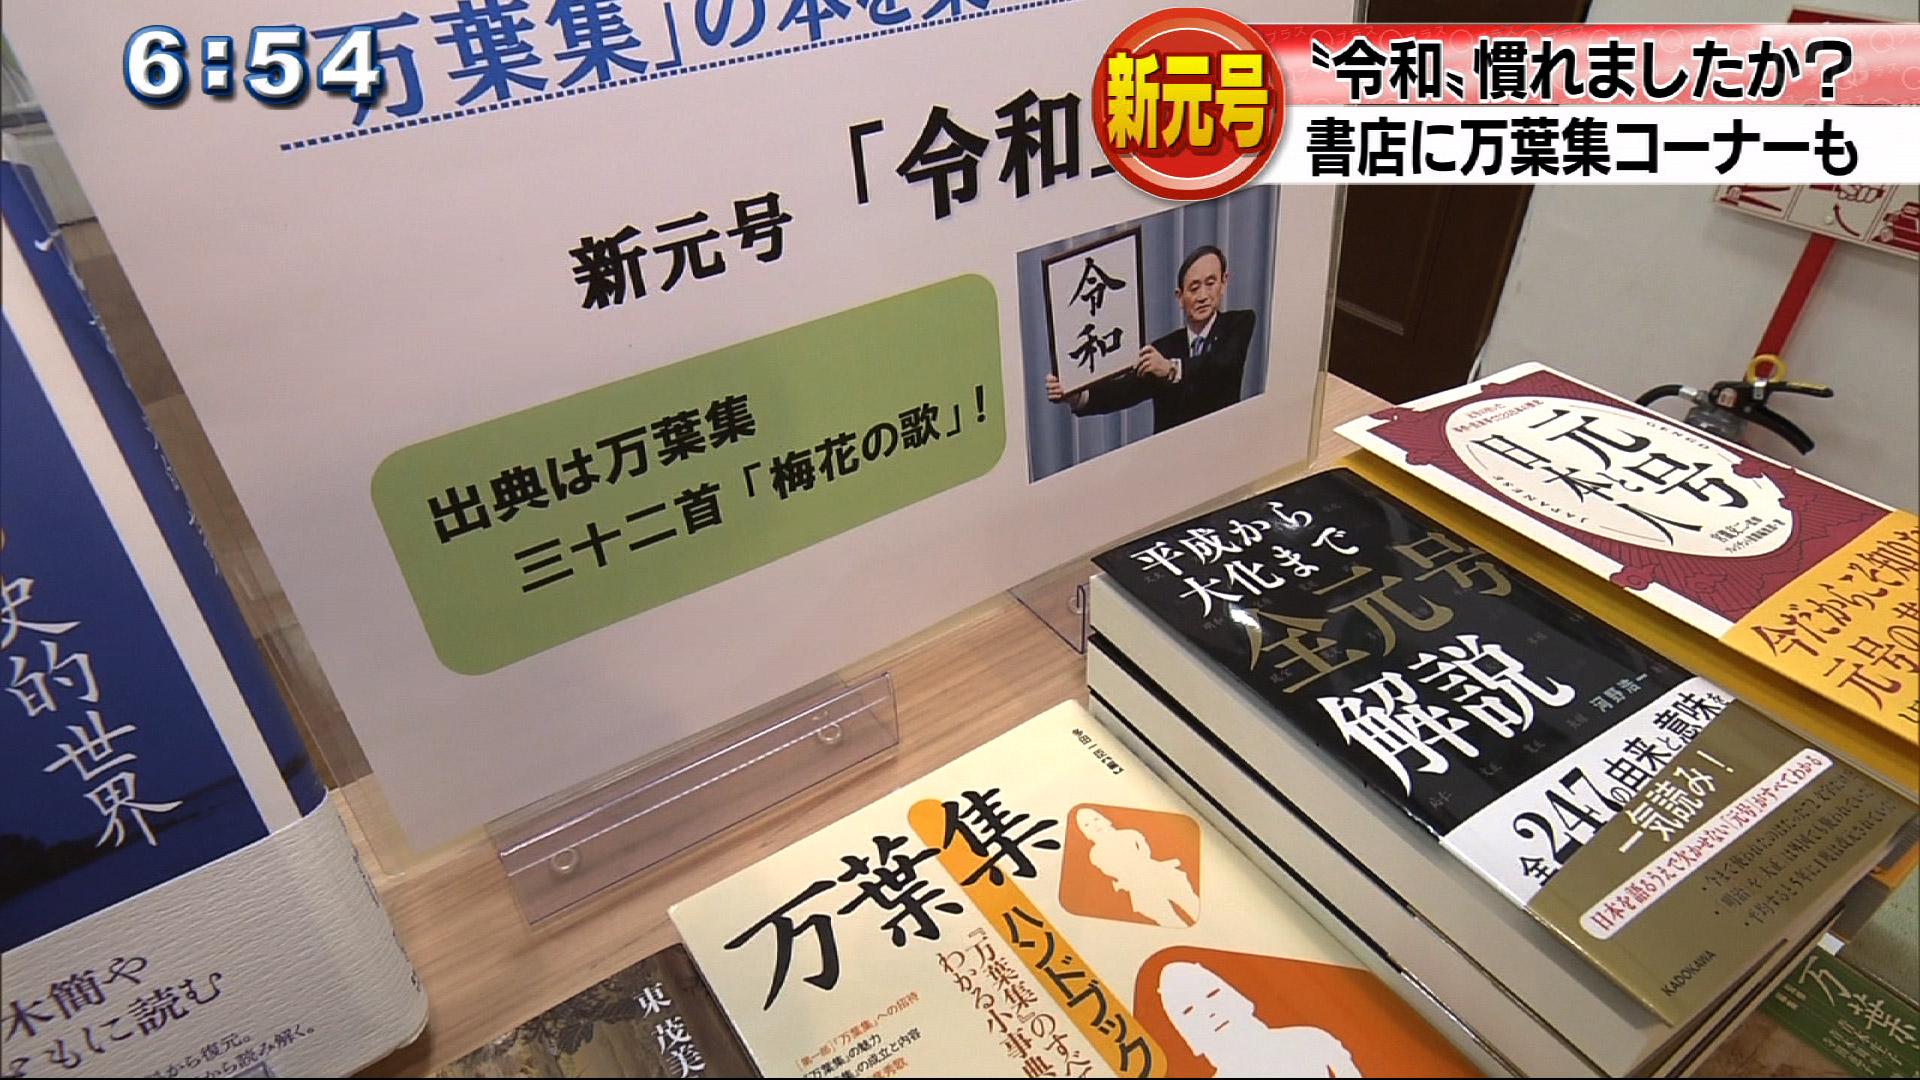 ジュンク堂書店 新元号特設コーナー設置